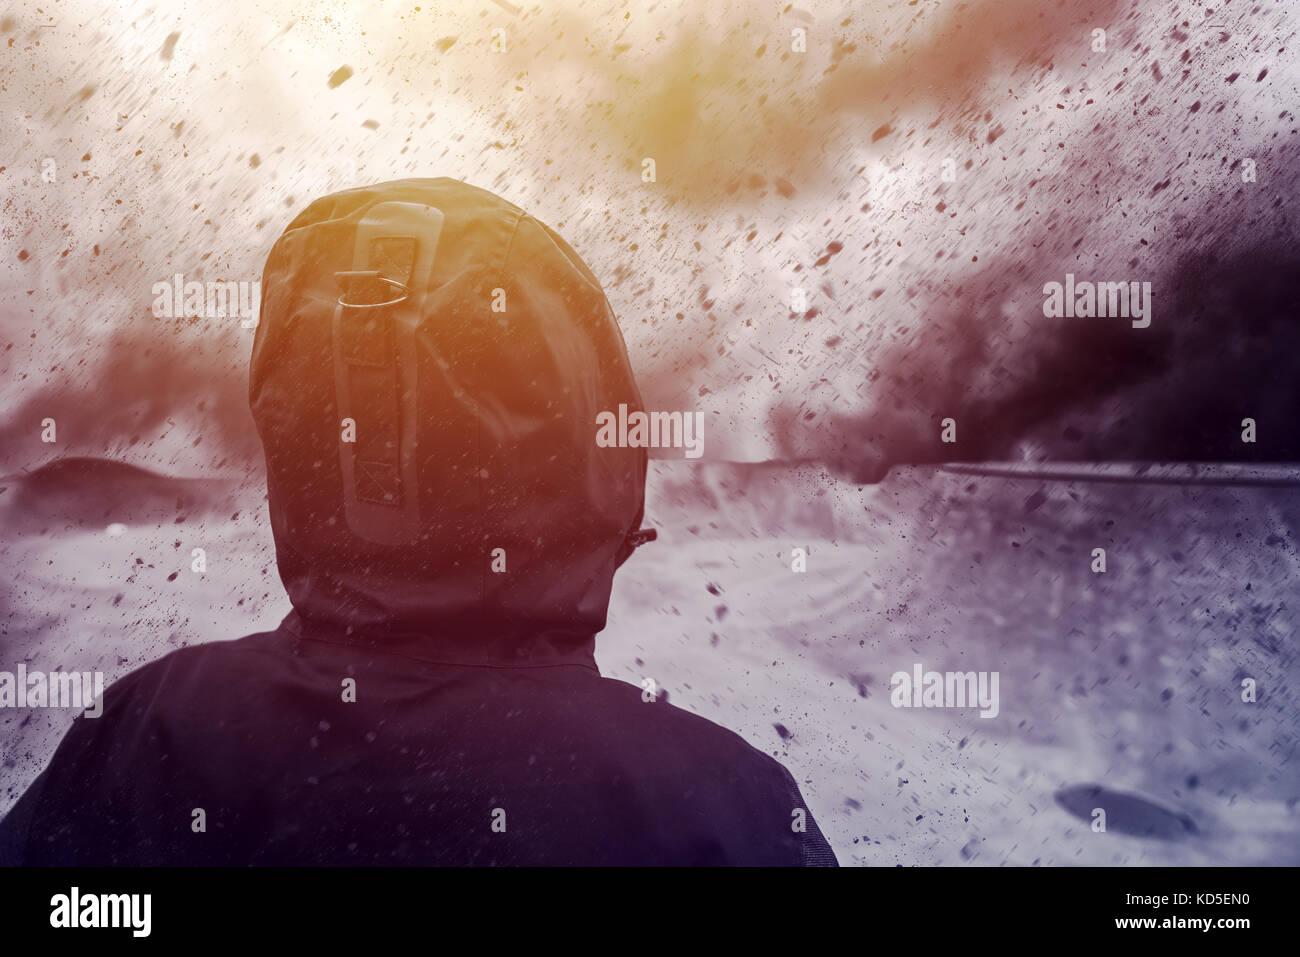 Konzeptionelle Image der jungen weiblichen Person mit ungewissen Zukunft, mixed Media Inhalte mit dramatischen stürmischen Stockbild